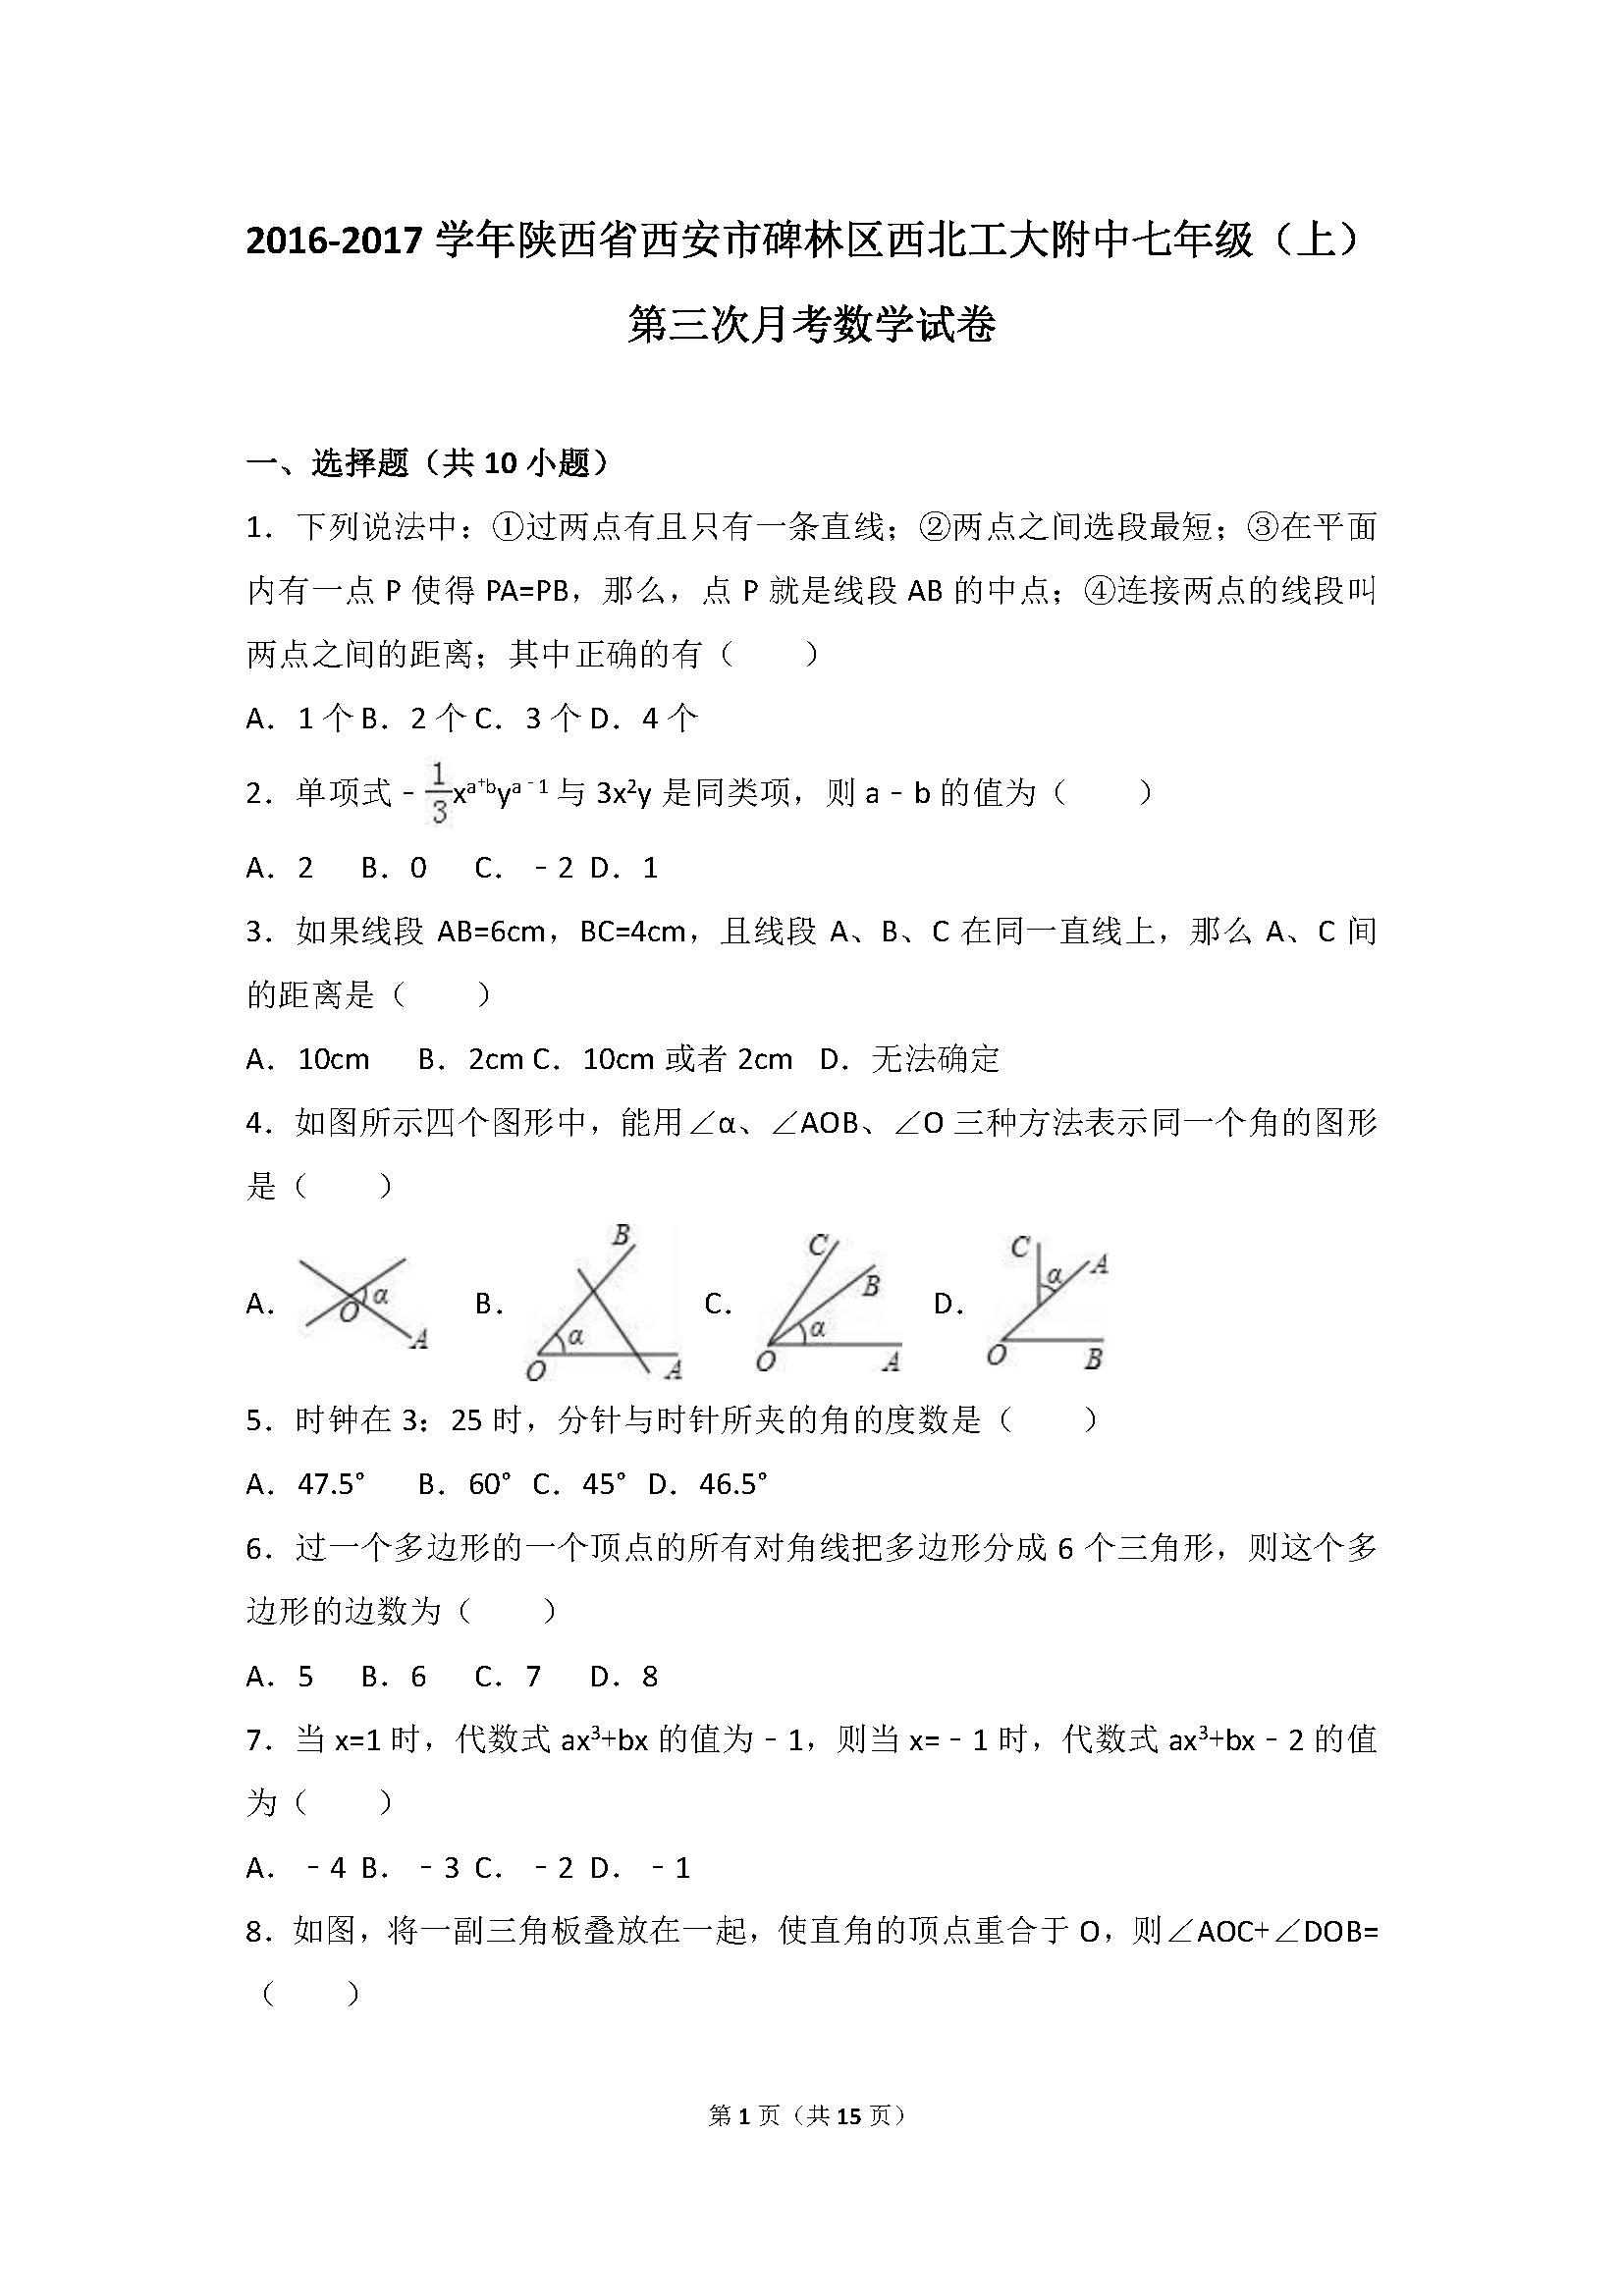 2017陕西西安碑林七年级上第三次月考数学试卷(图片版)